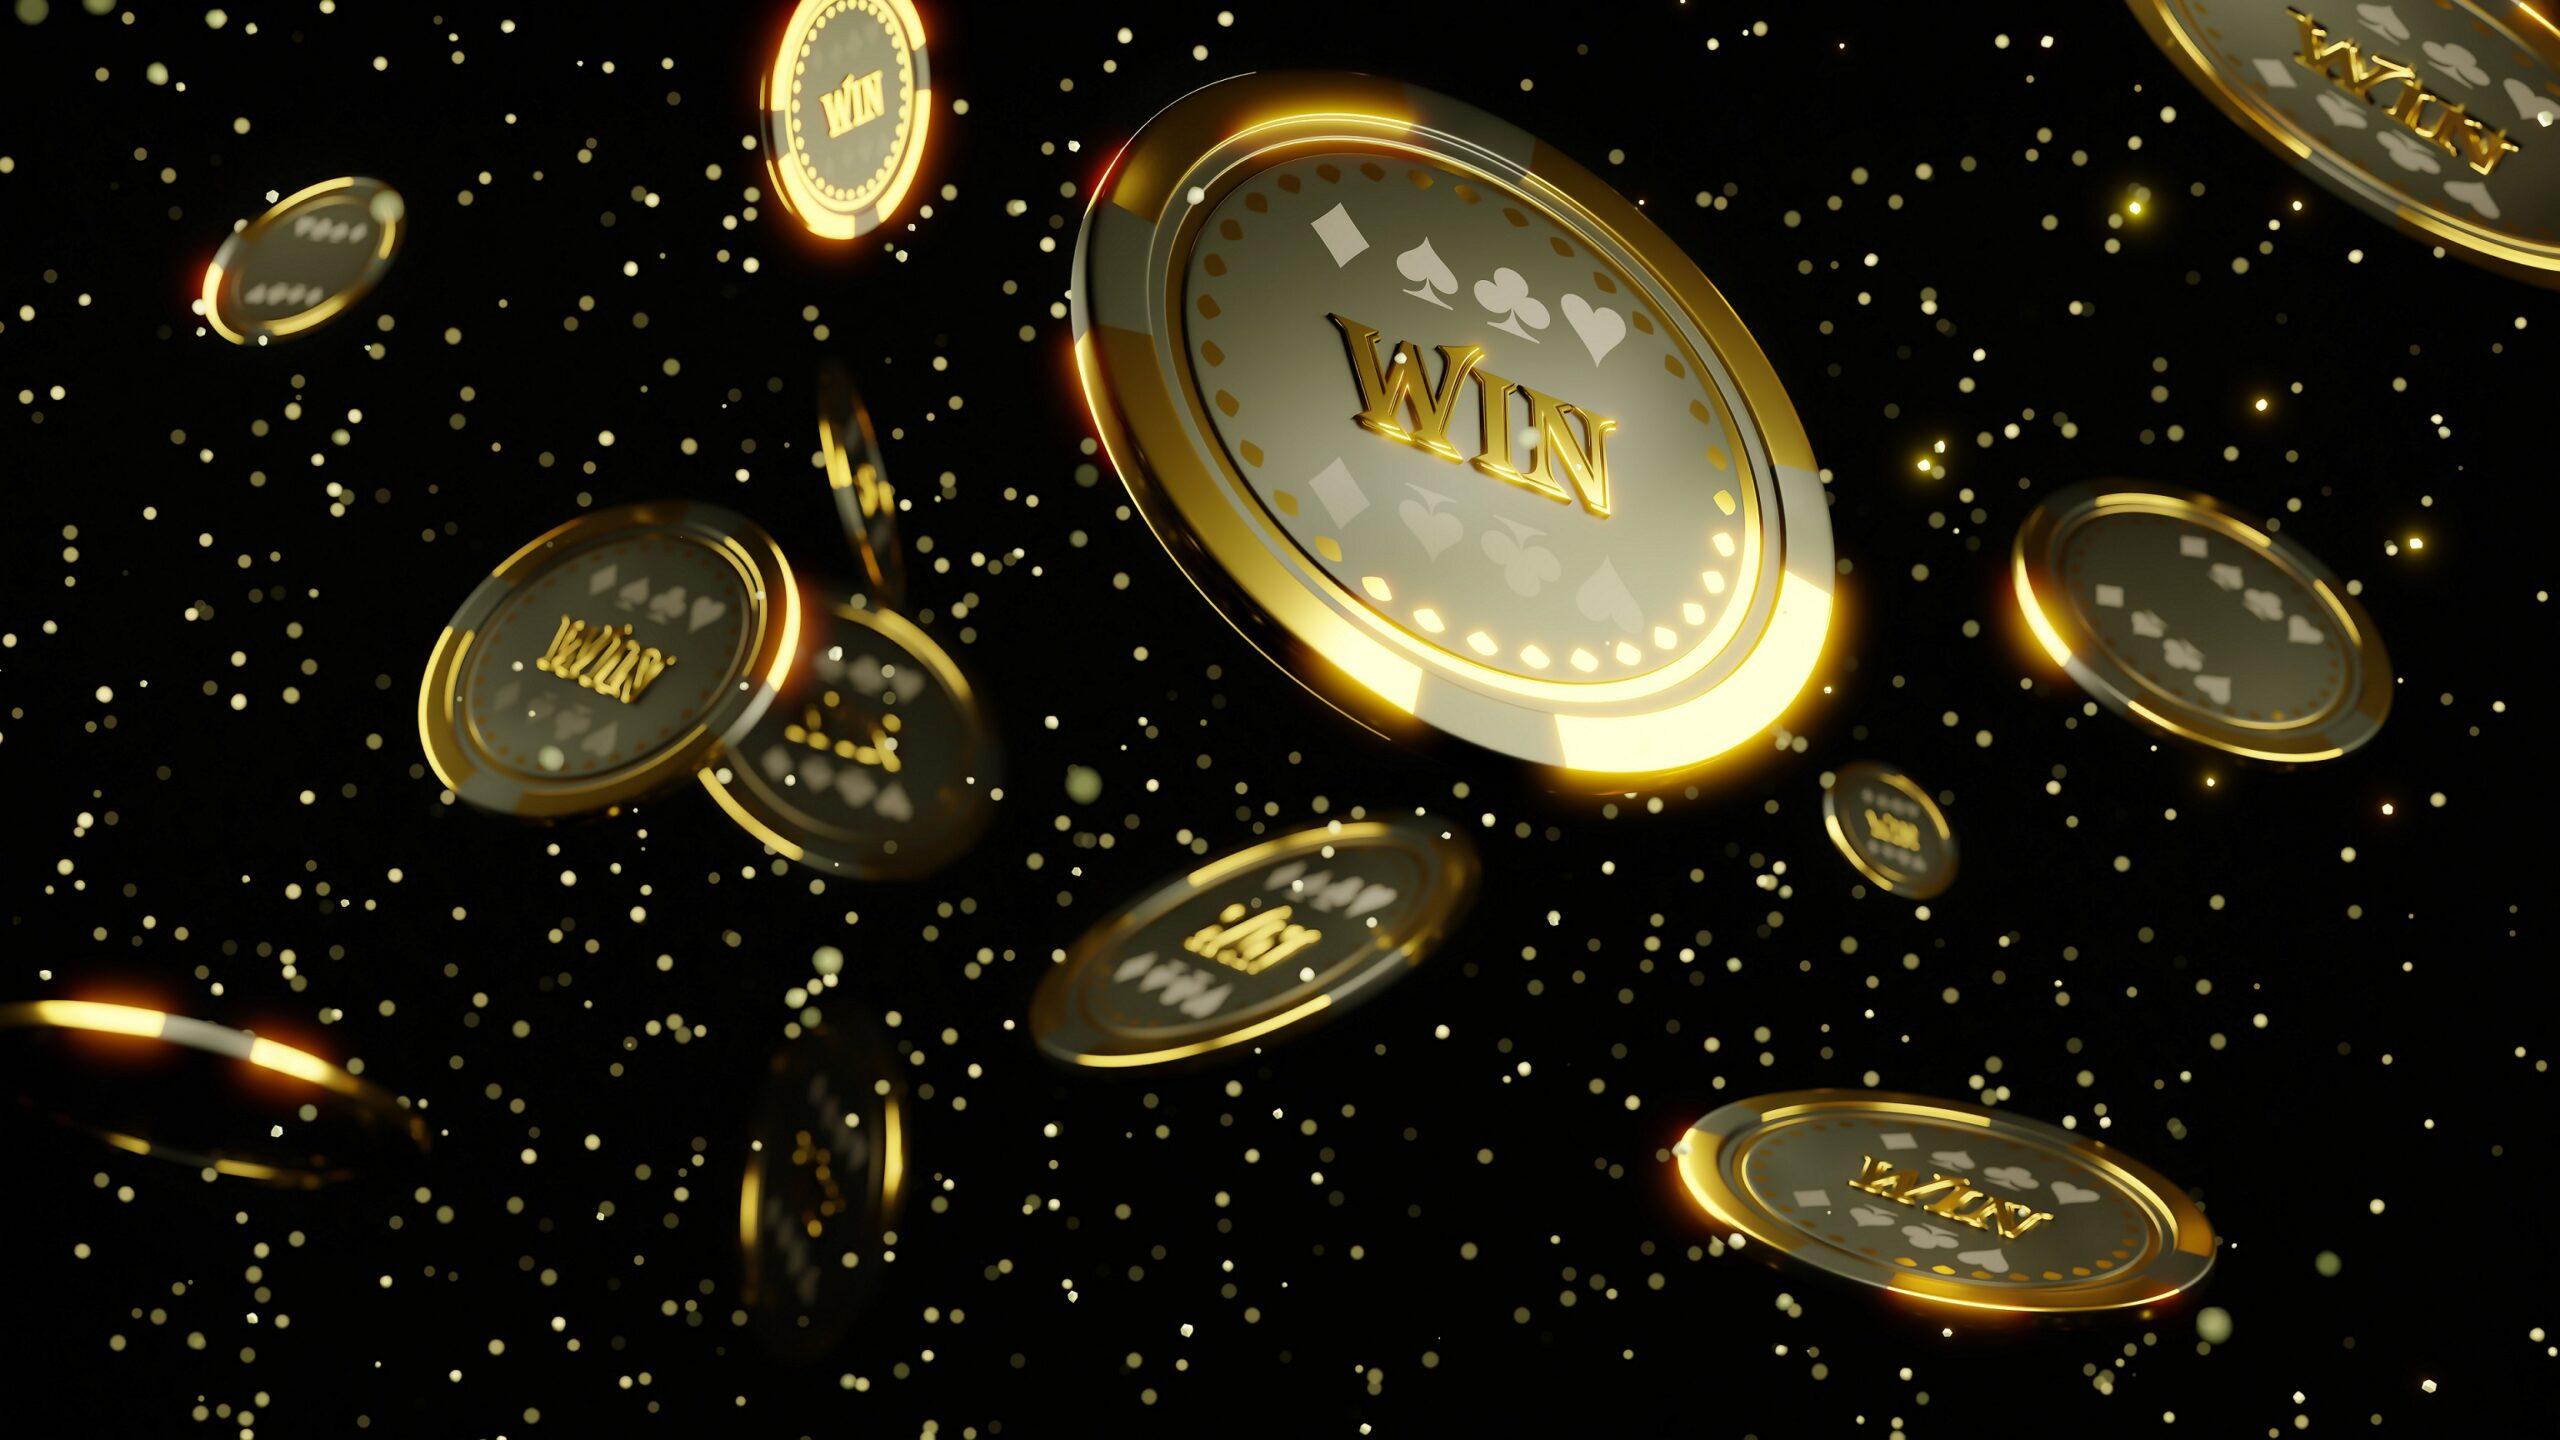 網路賭博真的可以賺錢嗎?網路博弈都是騙局?